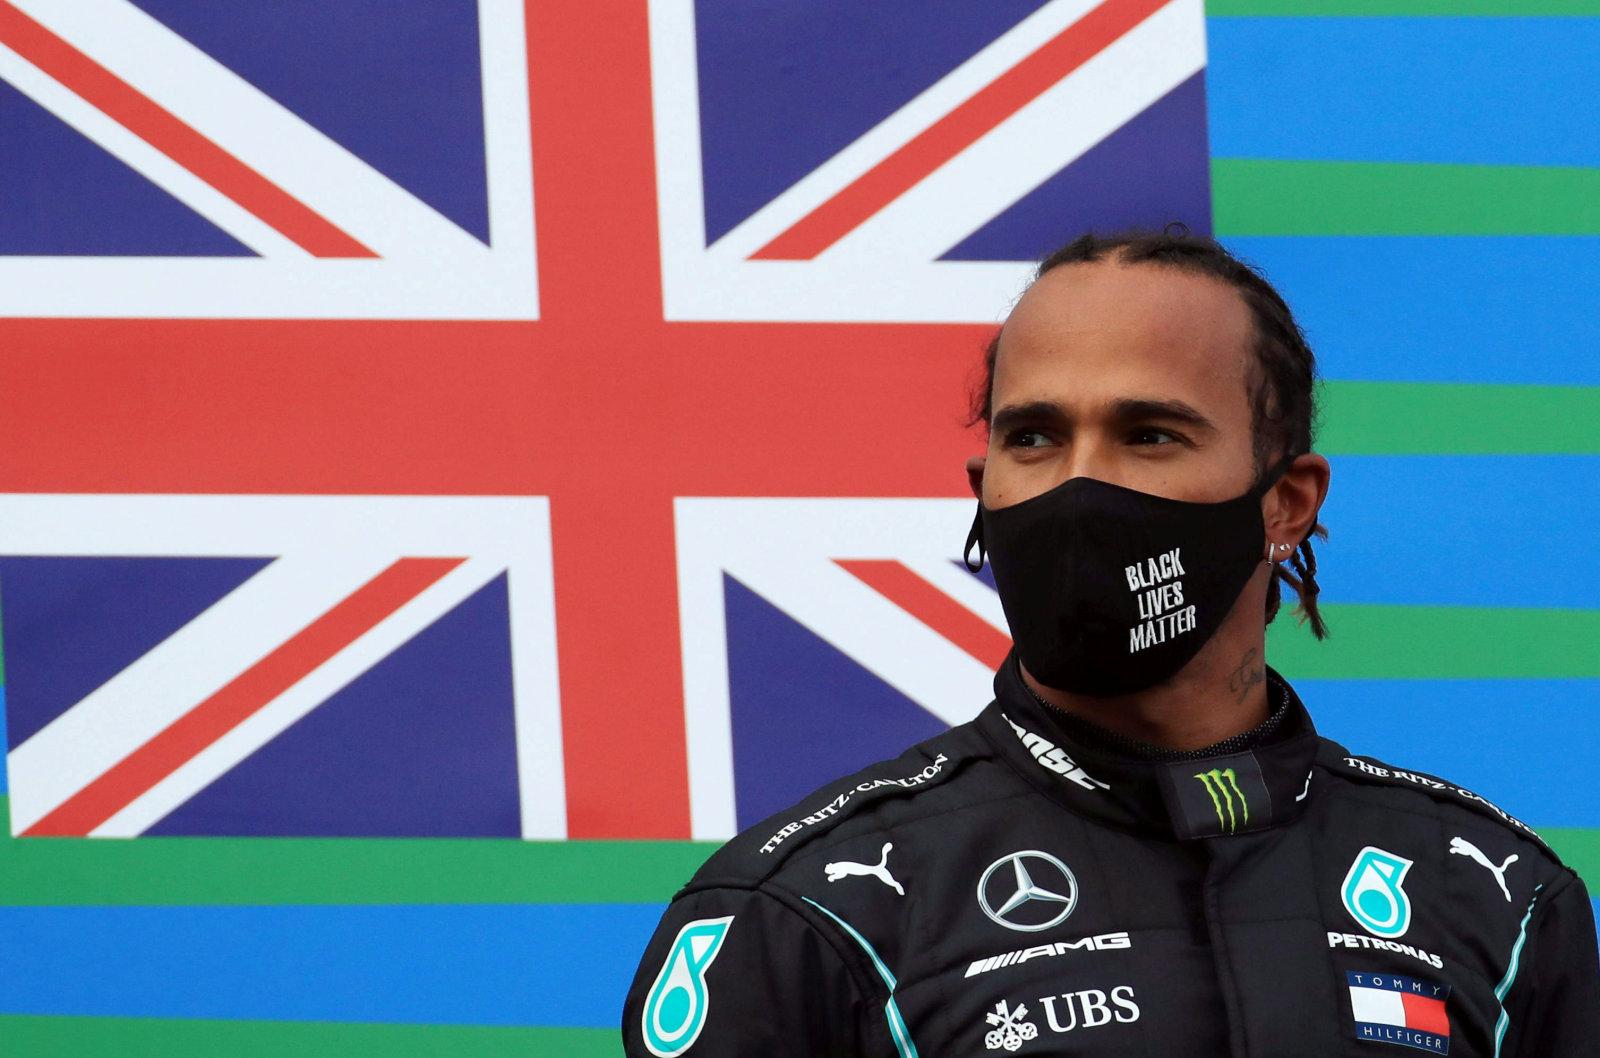 Endine tiimipealik Lewis Hamiltonist:  mina näitaksin talle ust